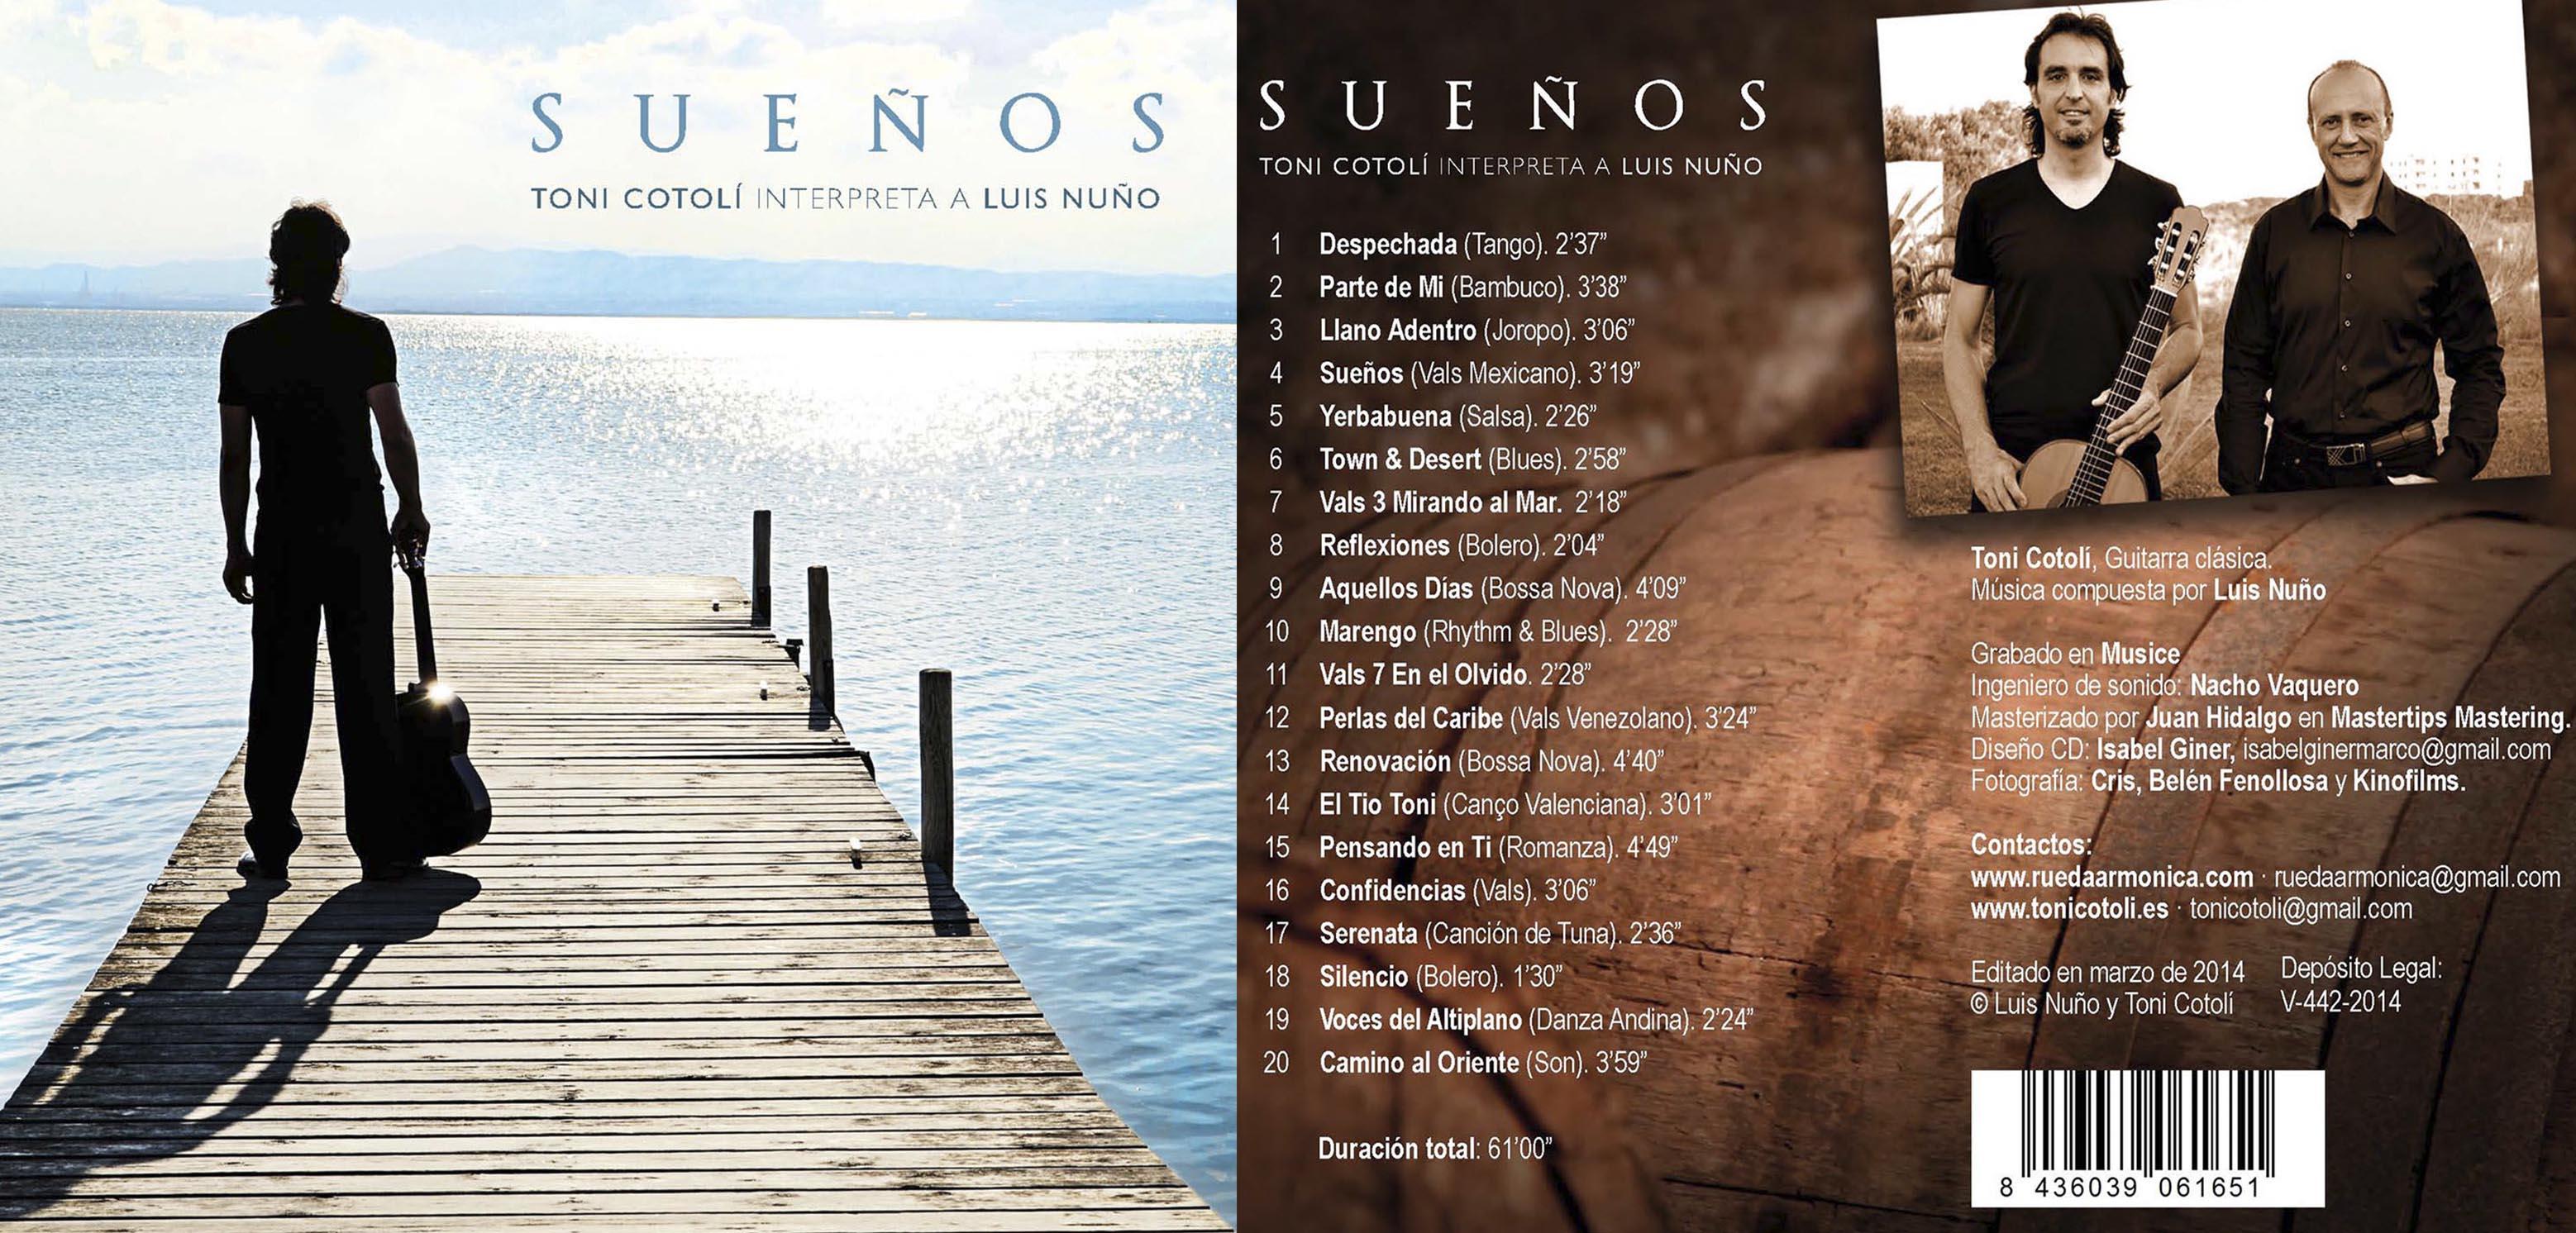 El guitarrista Toni Cotolí sorprende con un nuevo CD del compositor Luis Nuño